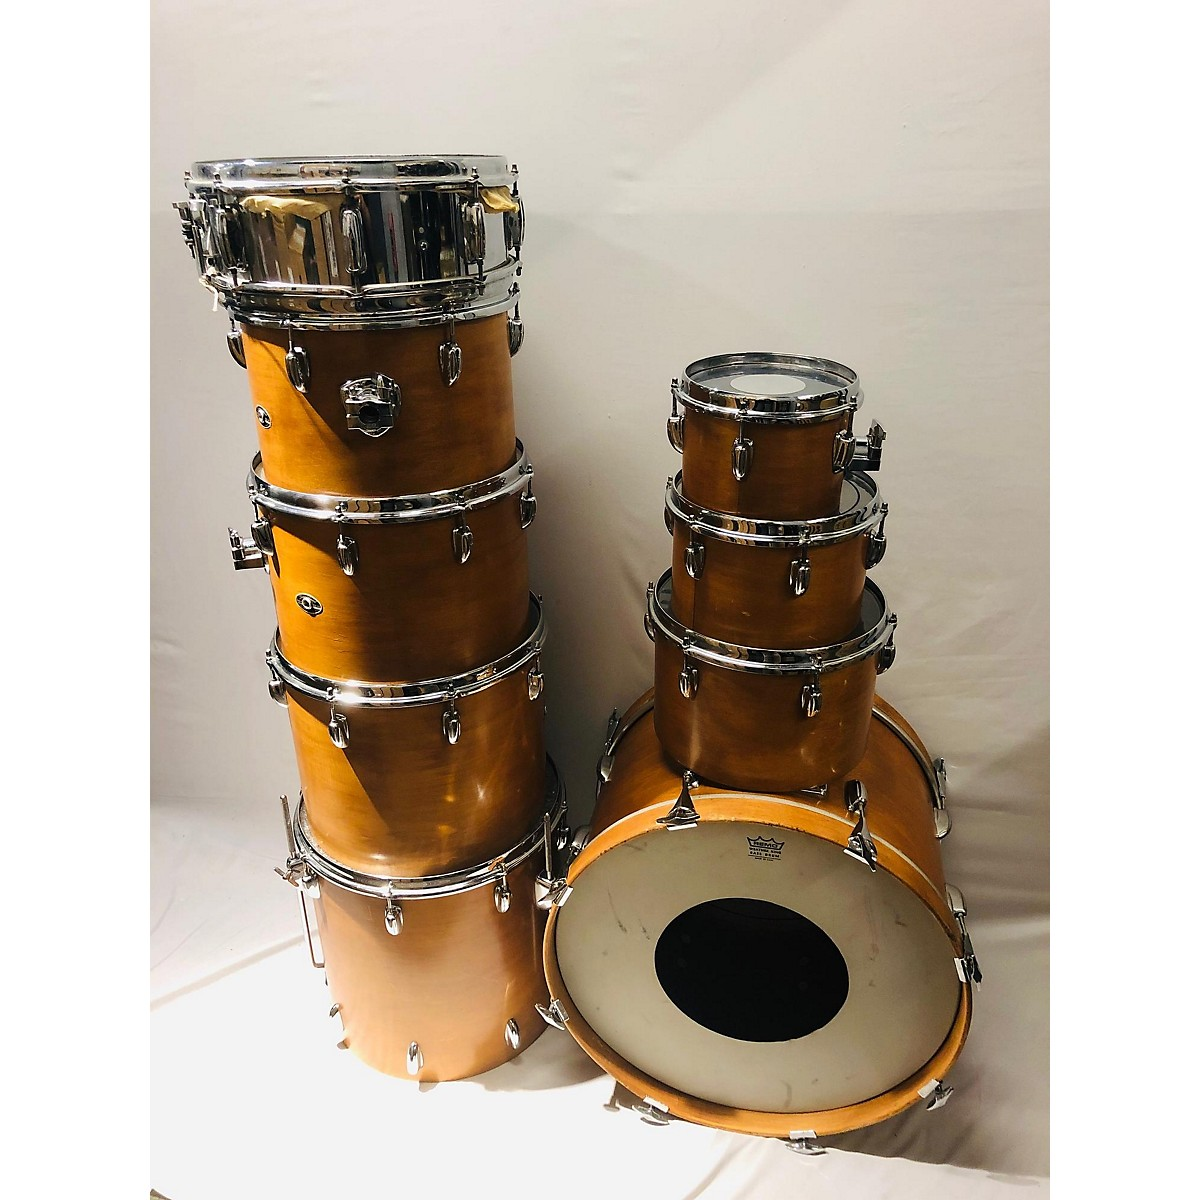 Slingerland 1970s Drum Kit Drum Kit